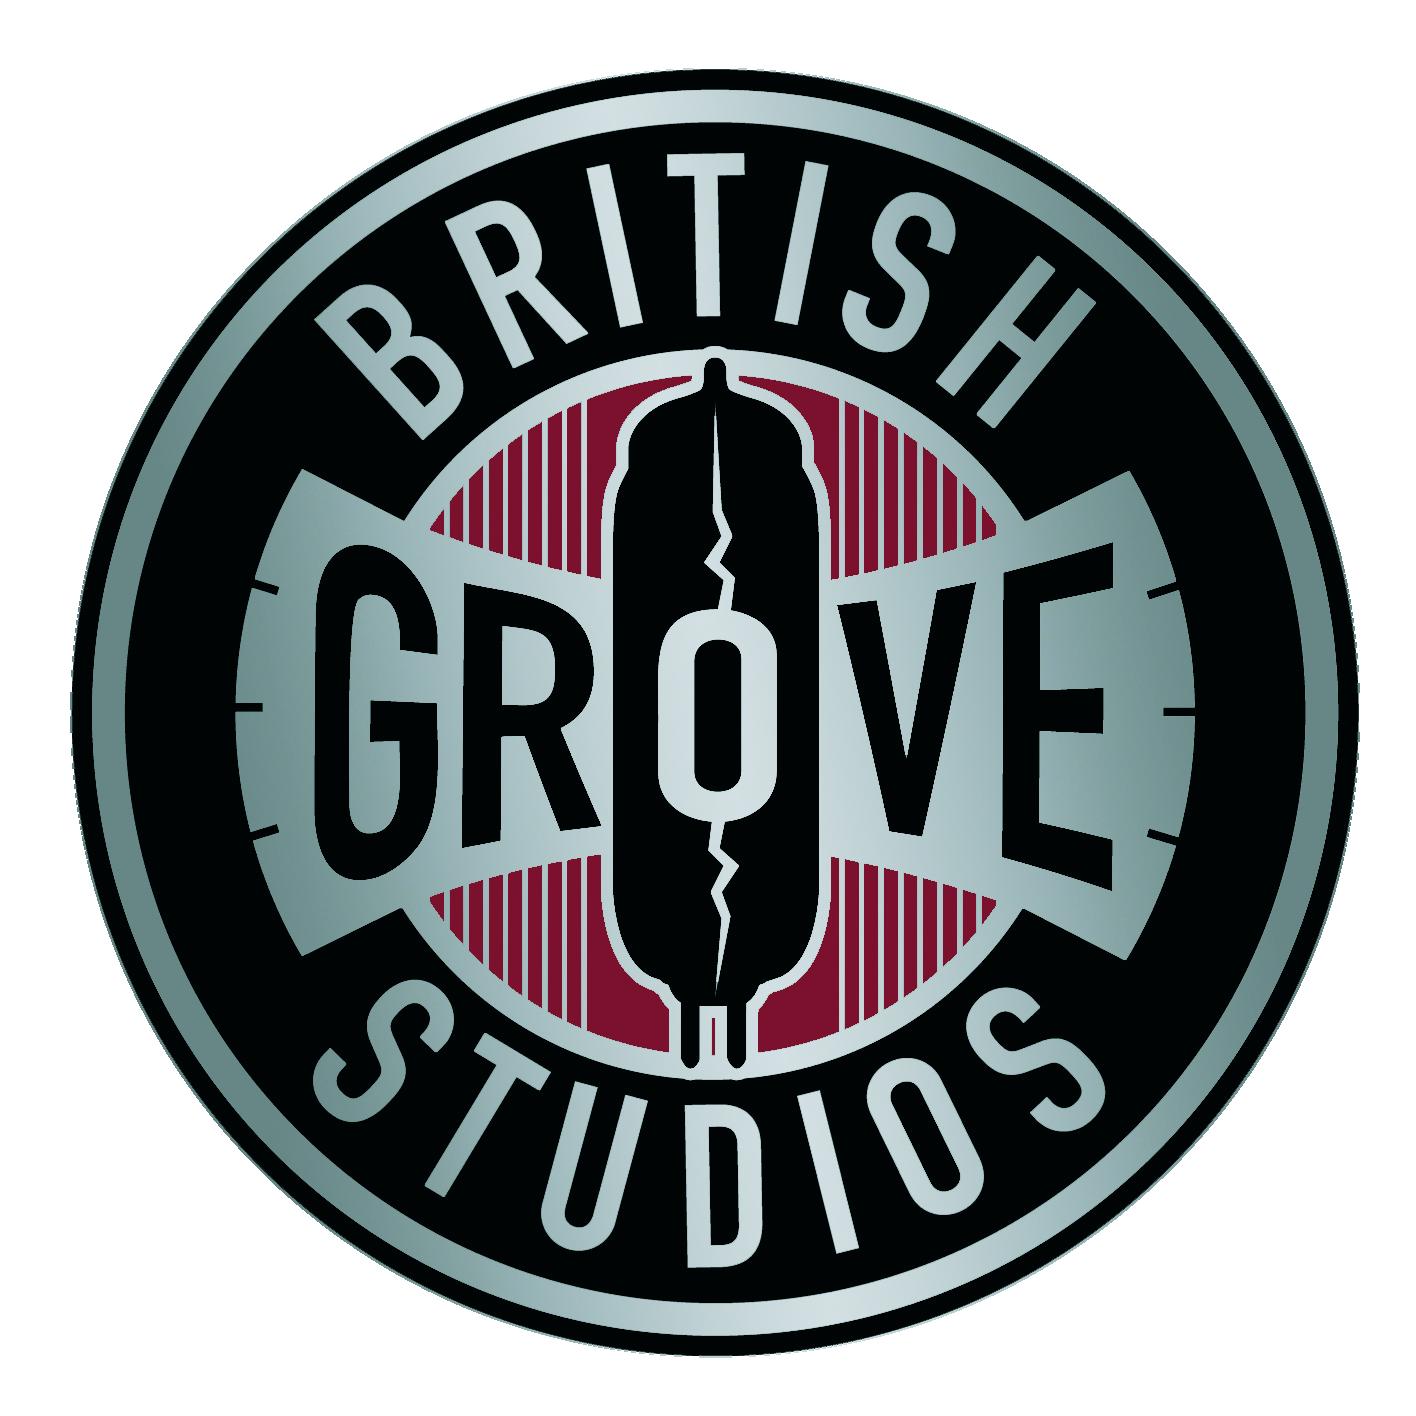 British Grove Studios